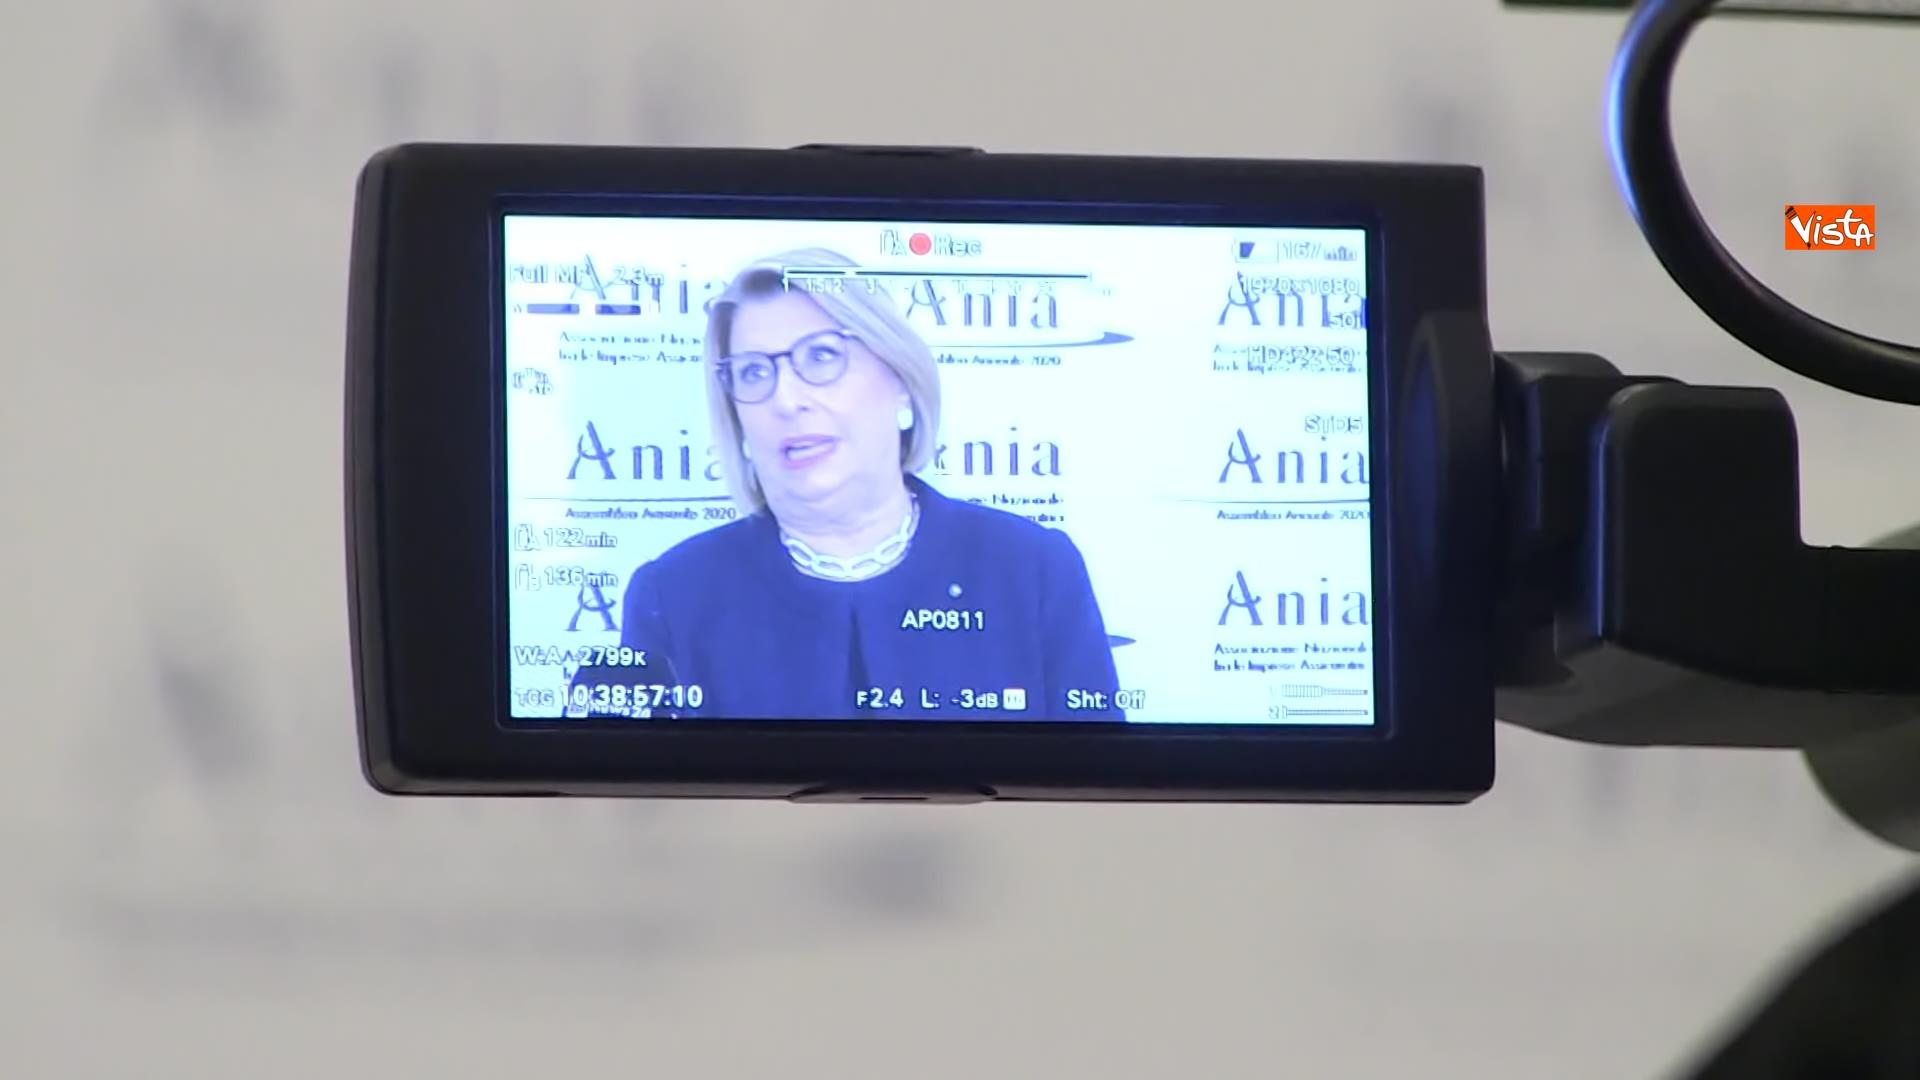 19-10-20 Ania l assemblea annuale 2020 con Conte e Patuanelli in video collegamento immagini_03